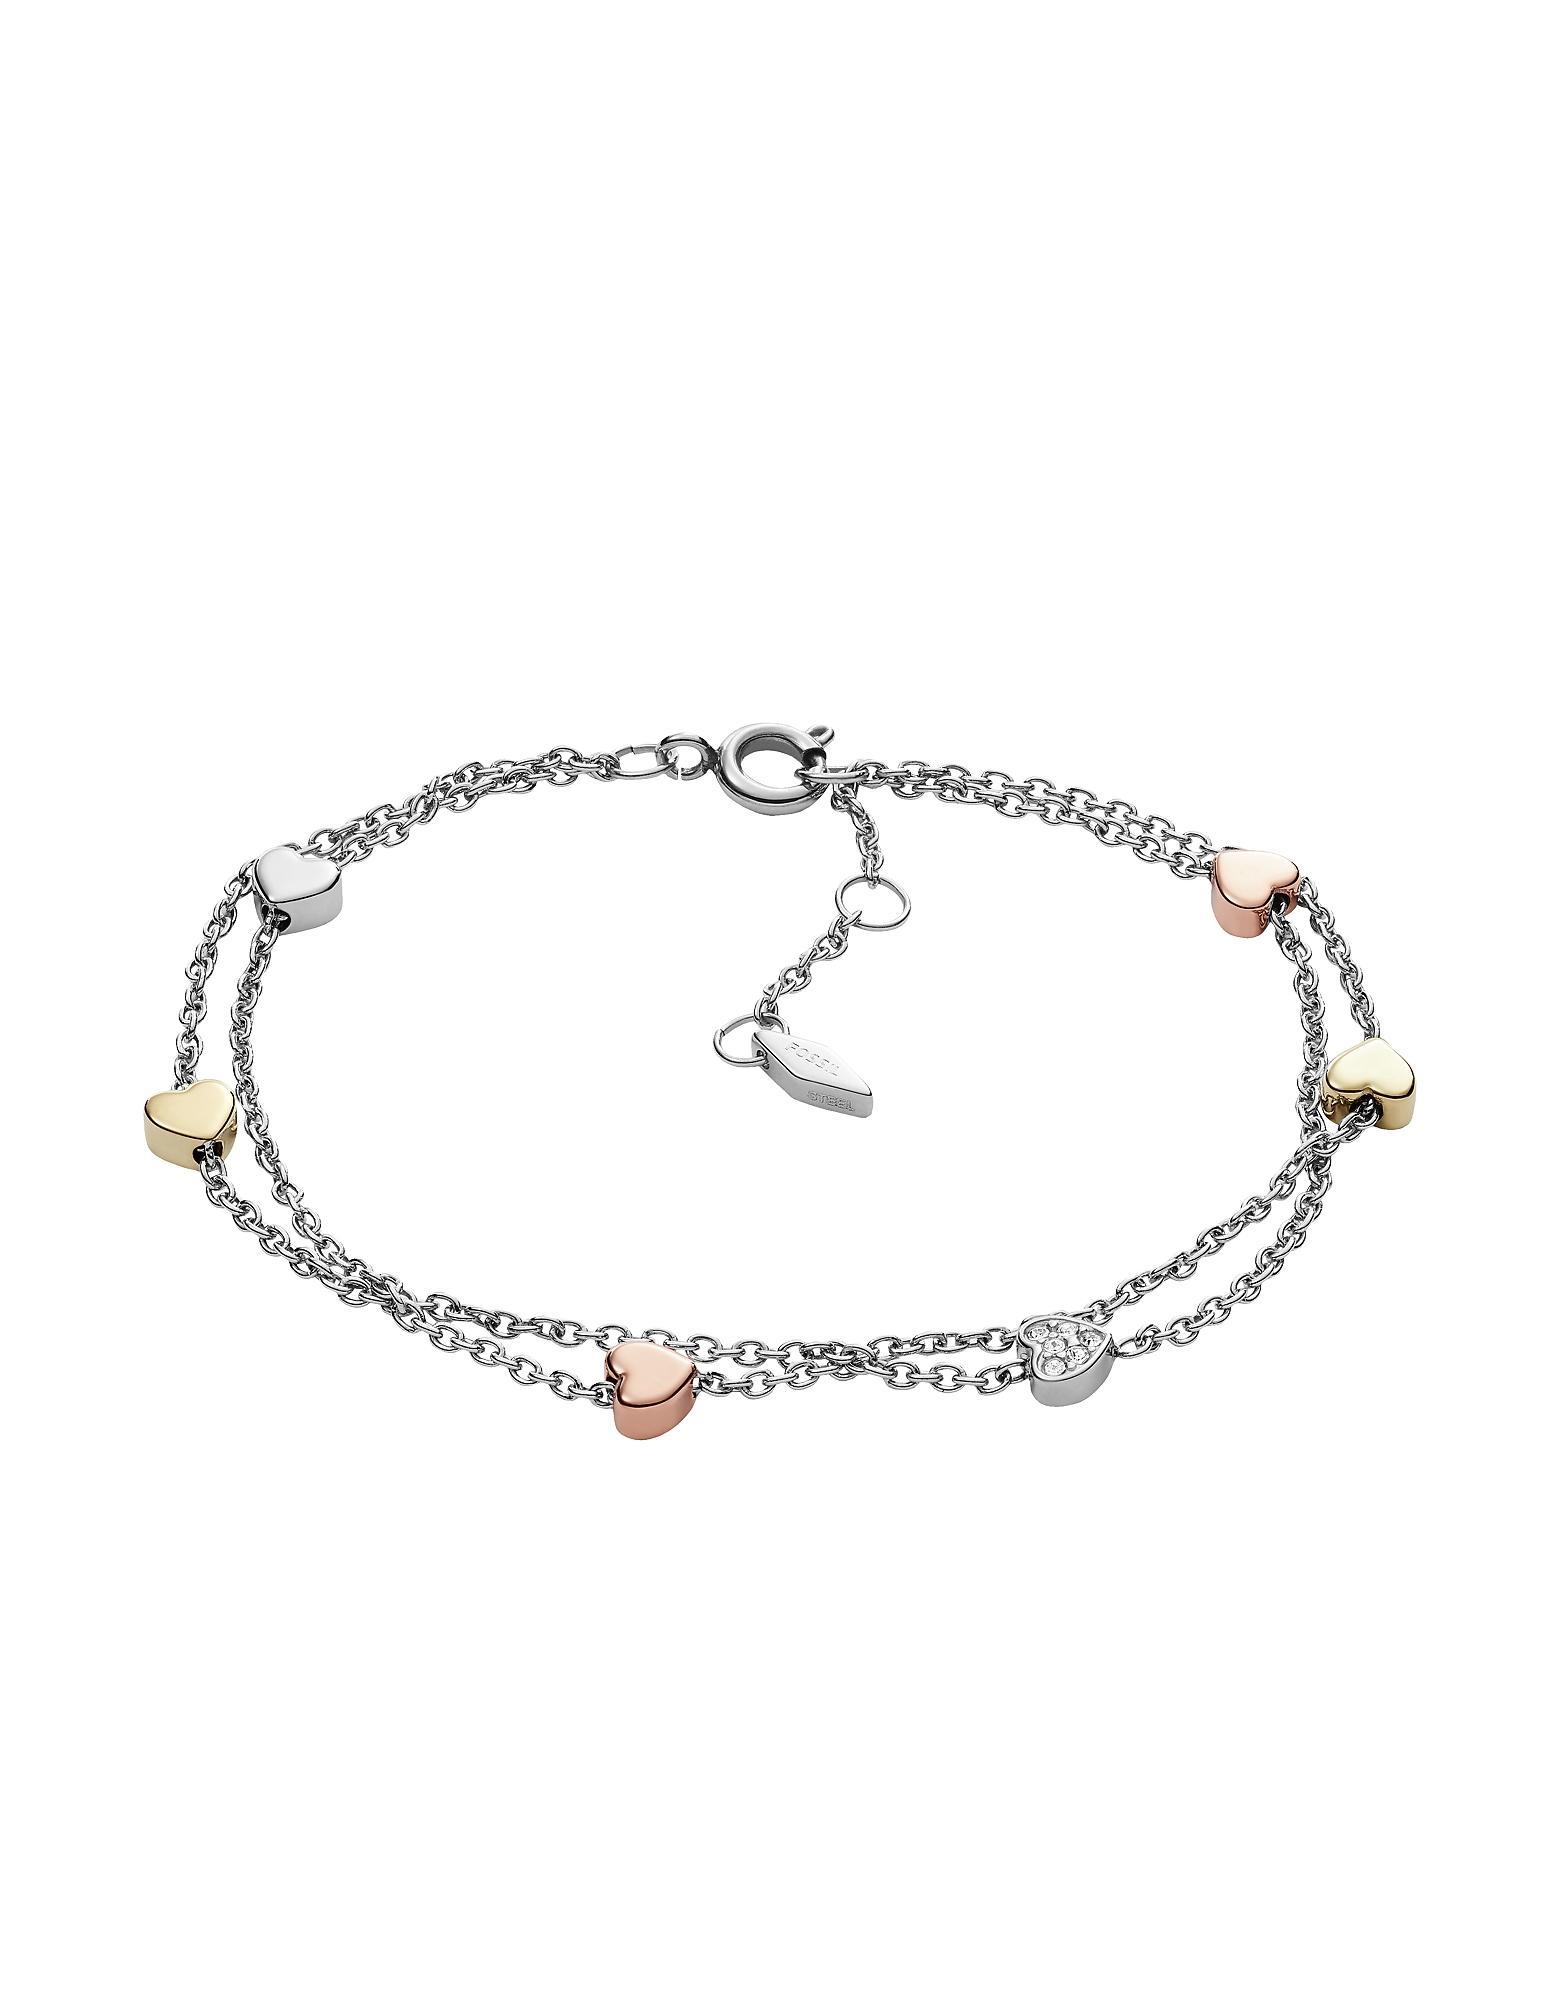 40e983822fd8 Pulsera con doble cadena de acero en tres tonos en forma de corazón de  mujer de color metálico